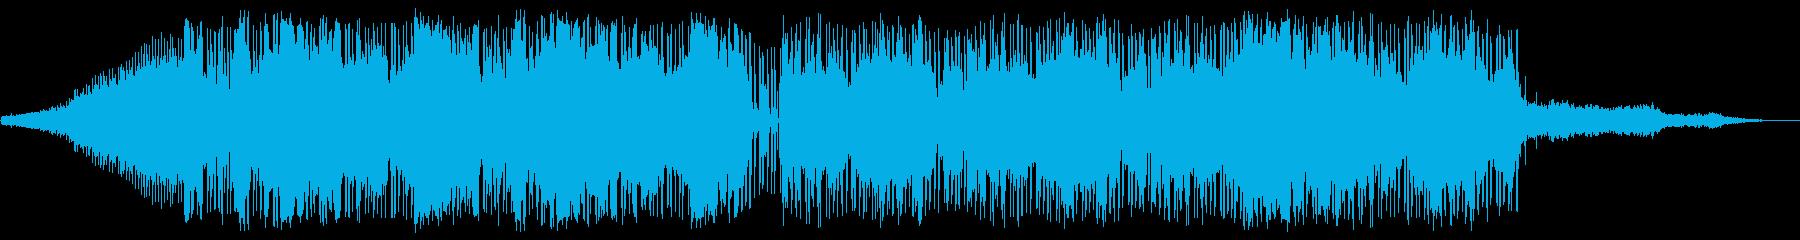 ビート主体のチル系の再生済みの波形